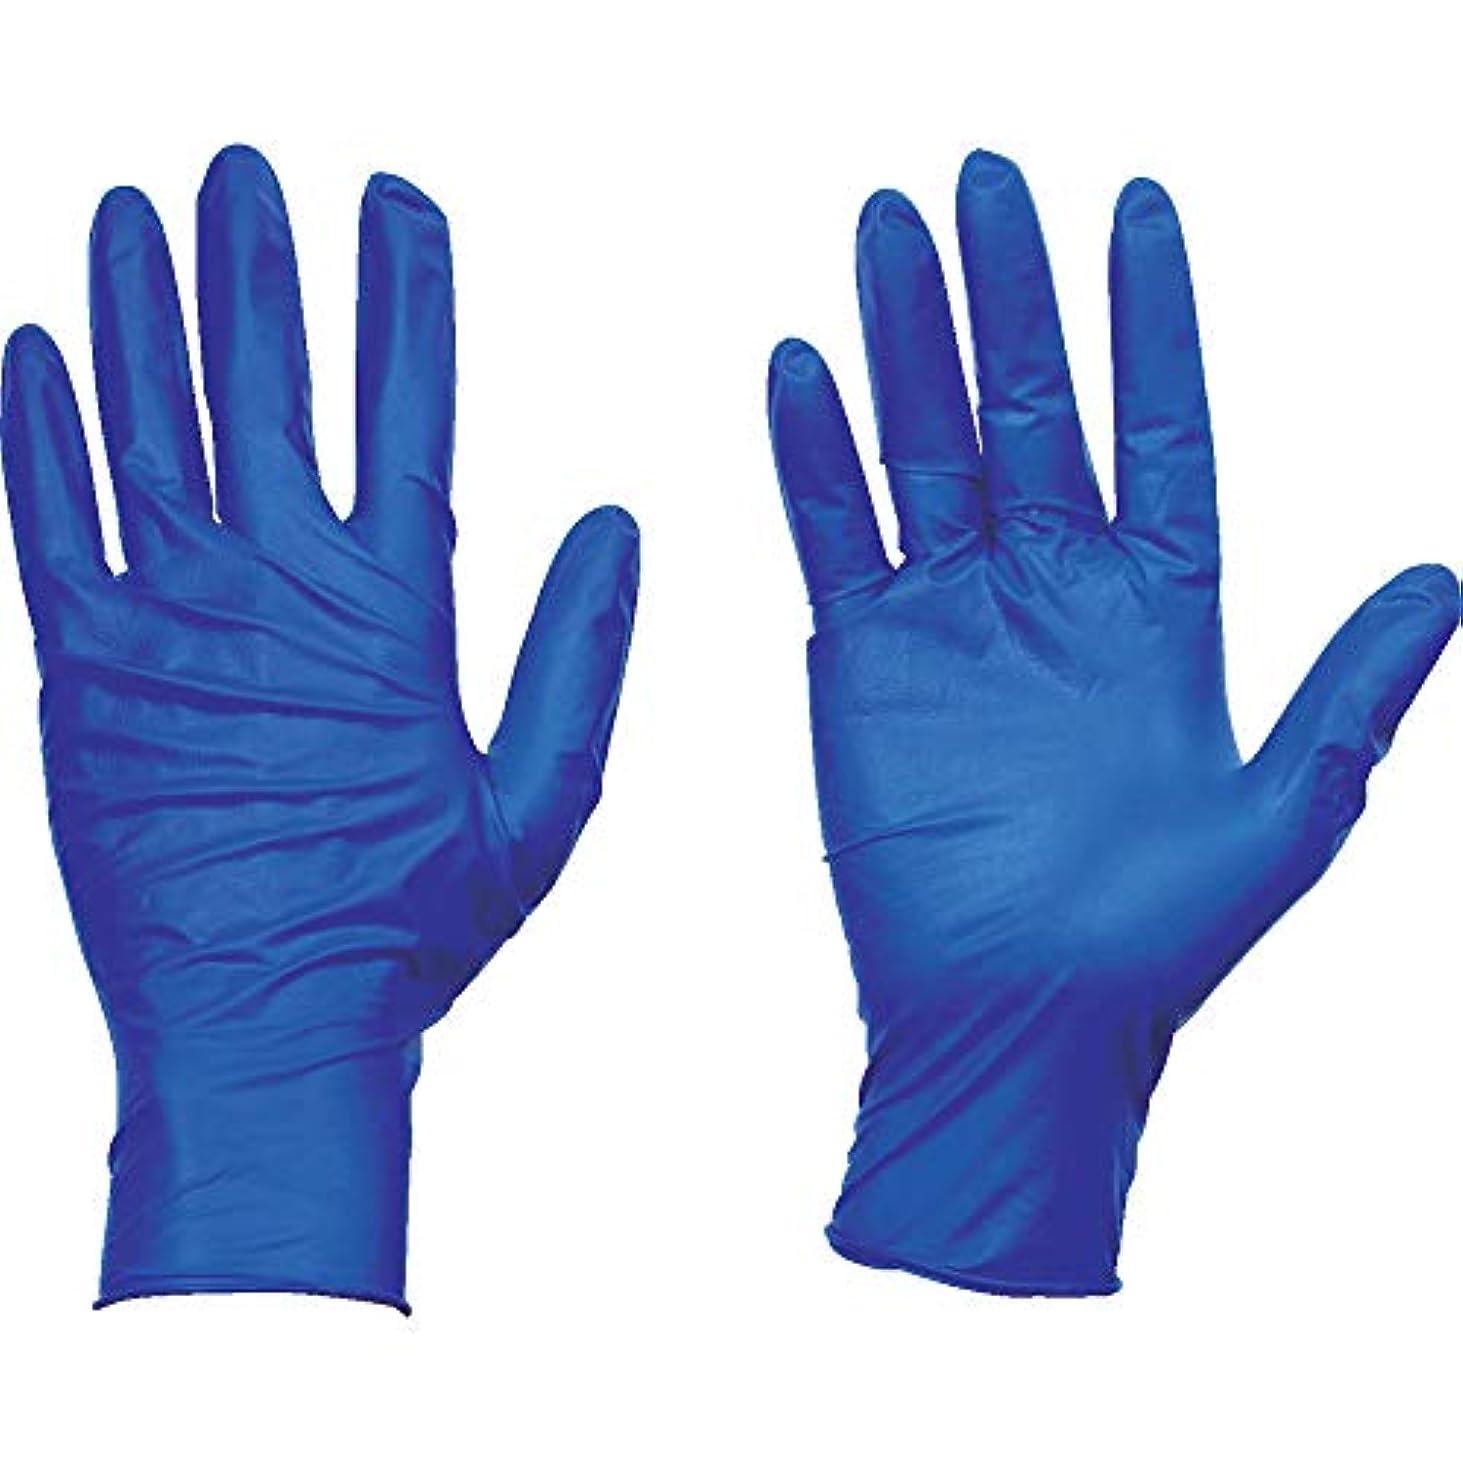 起点嫌い対話TRUSCO(トラスコ) 使い捨て天然ゴム手袋TGセーフ 0.12 粉無青S 100枚 TGNL12BS